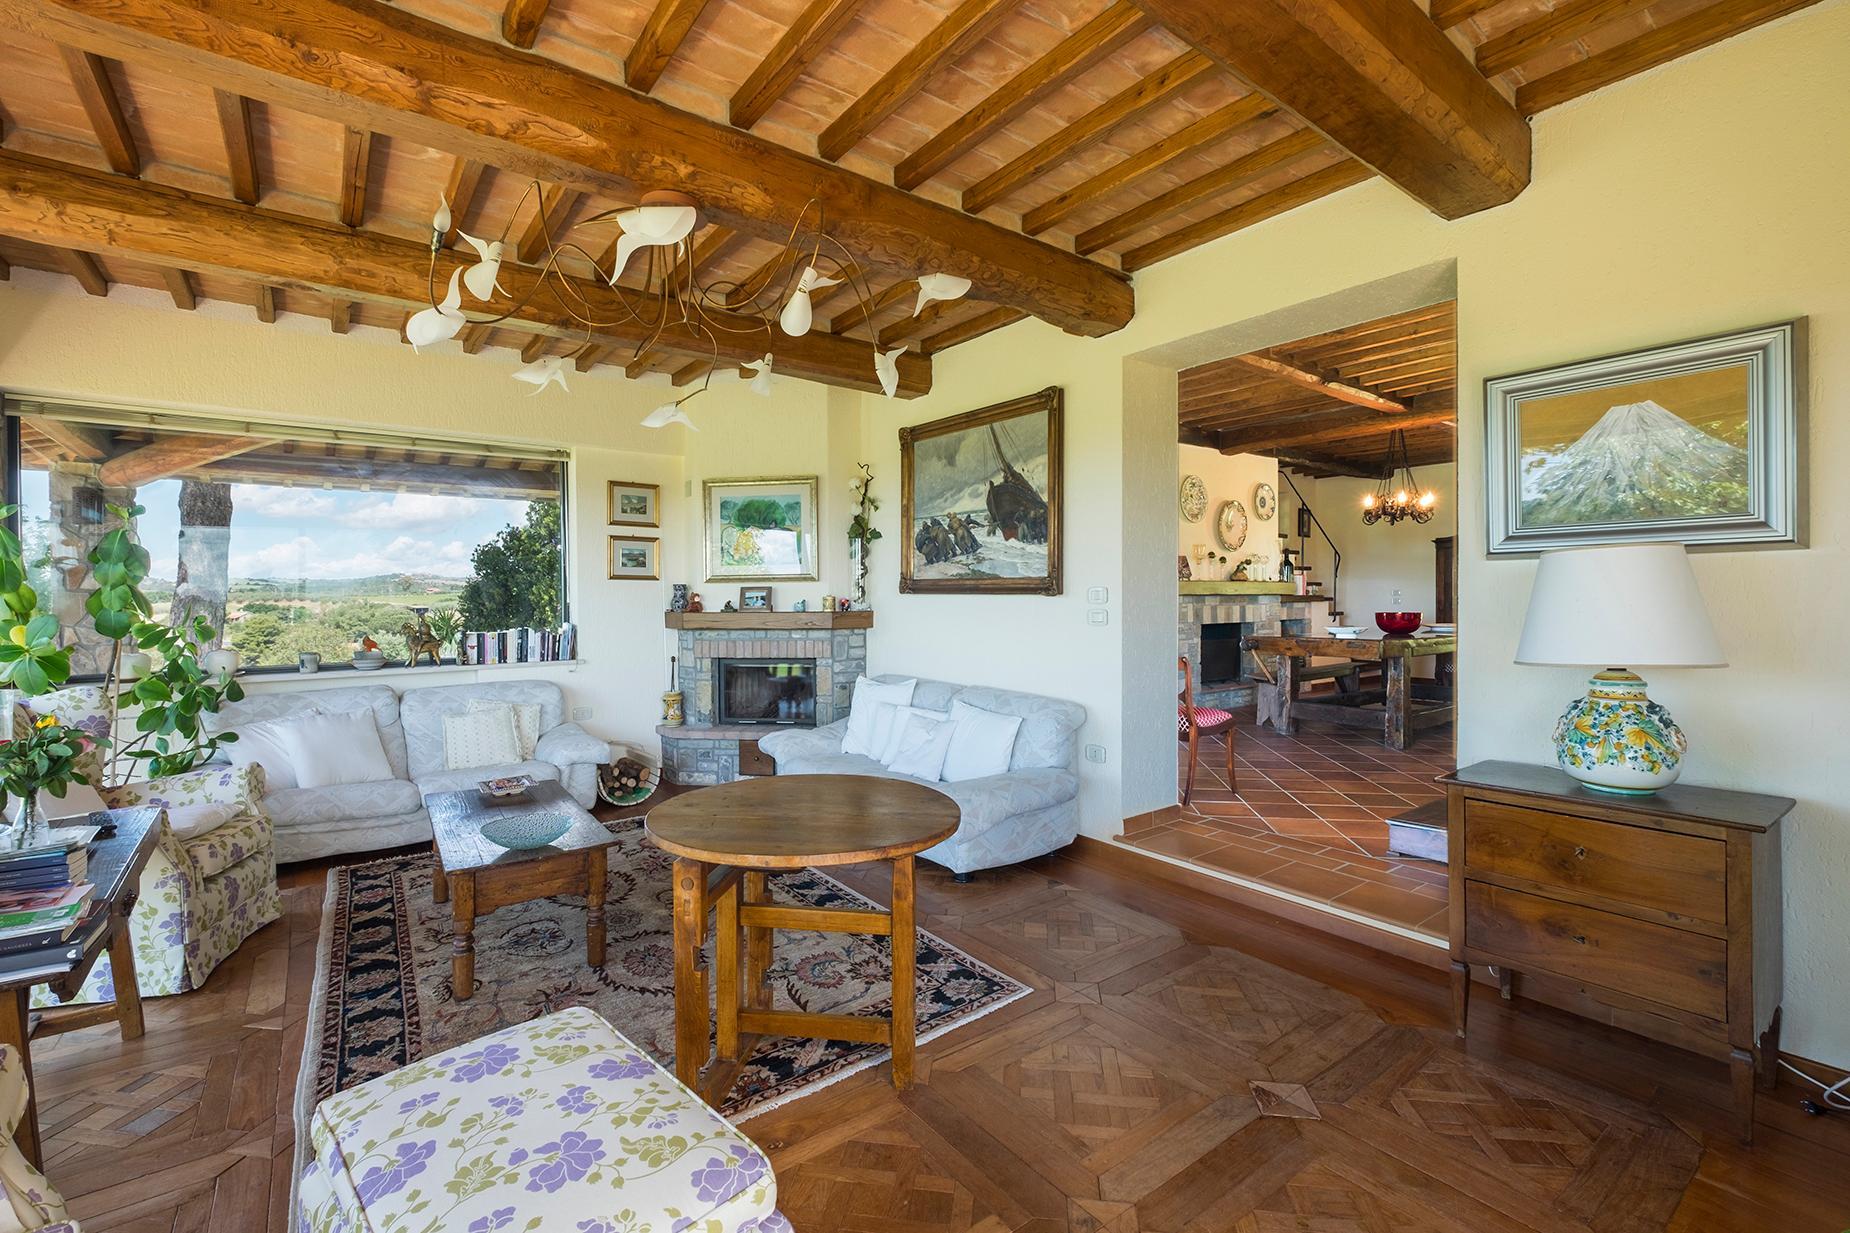 Fein restauriertes Bauernhaus auf den toskanischen Hügeln - 2